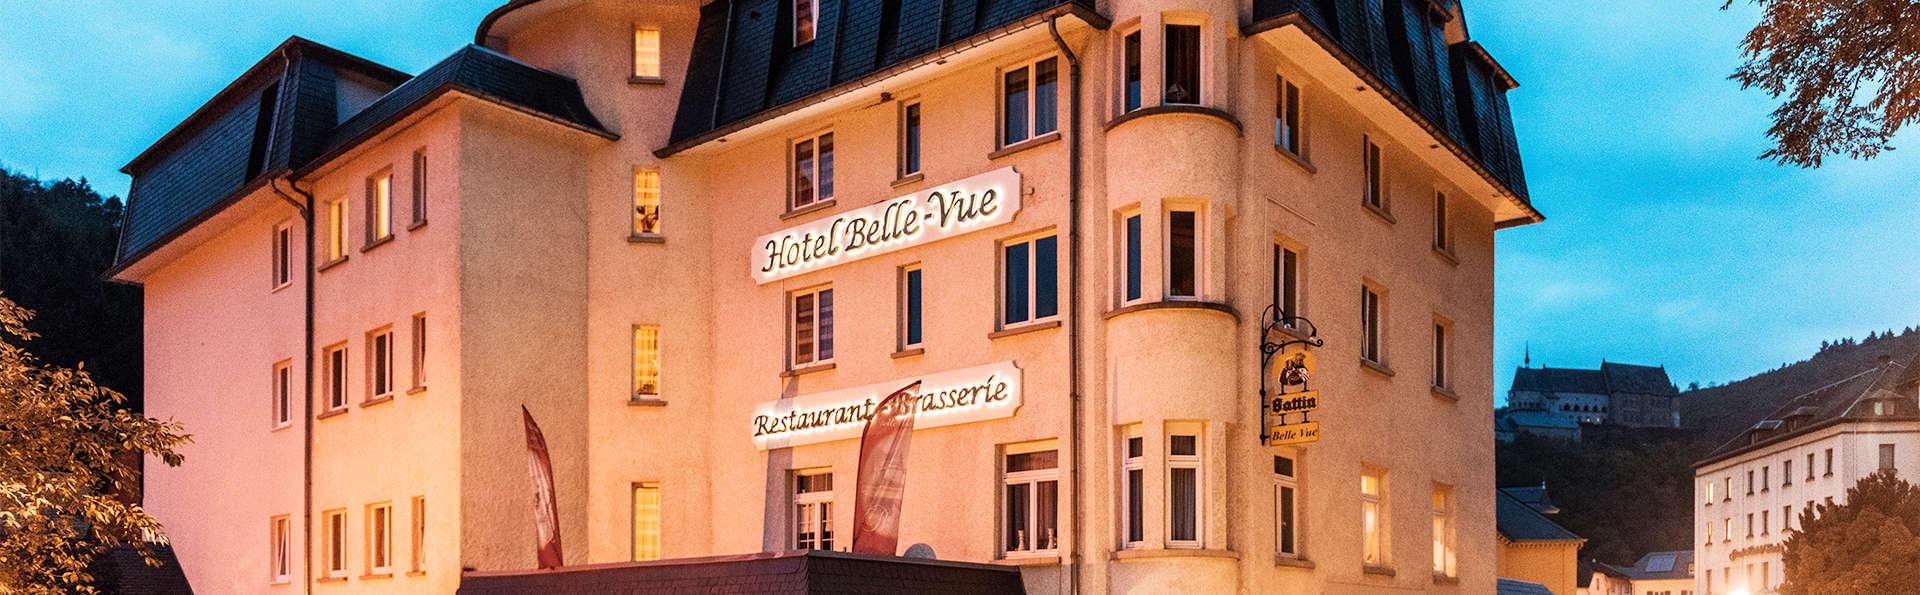 Hotel Belle Vue - EDIT_front.jpg